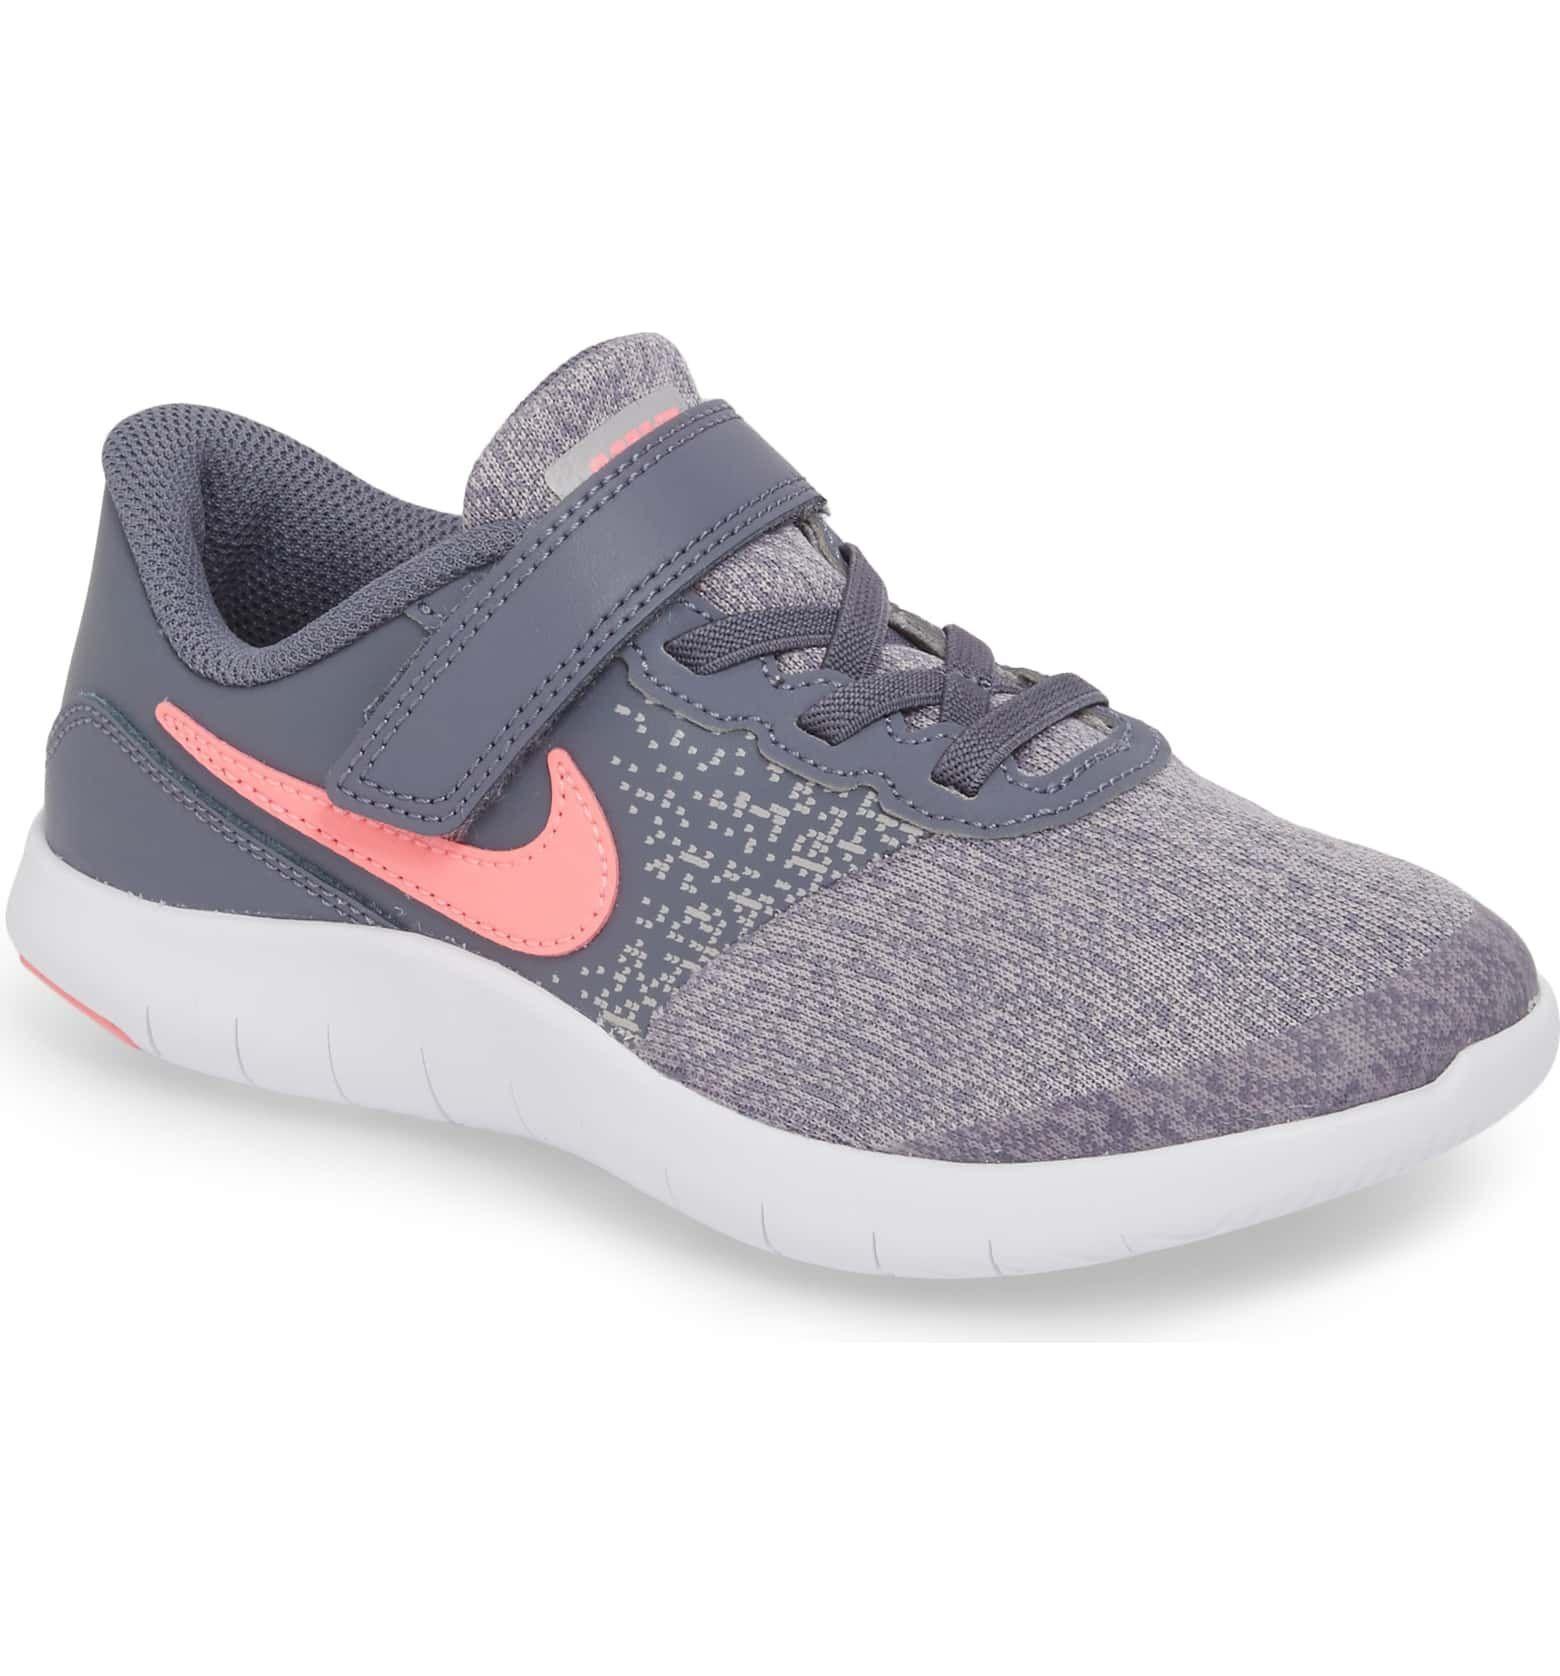 b2750e44ac840 Flex Contact Running Shoe